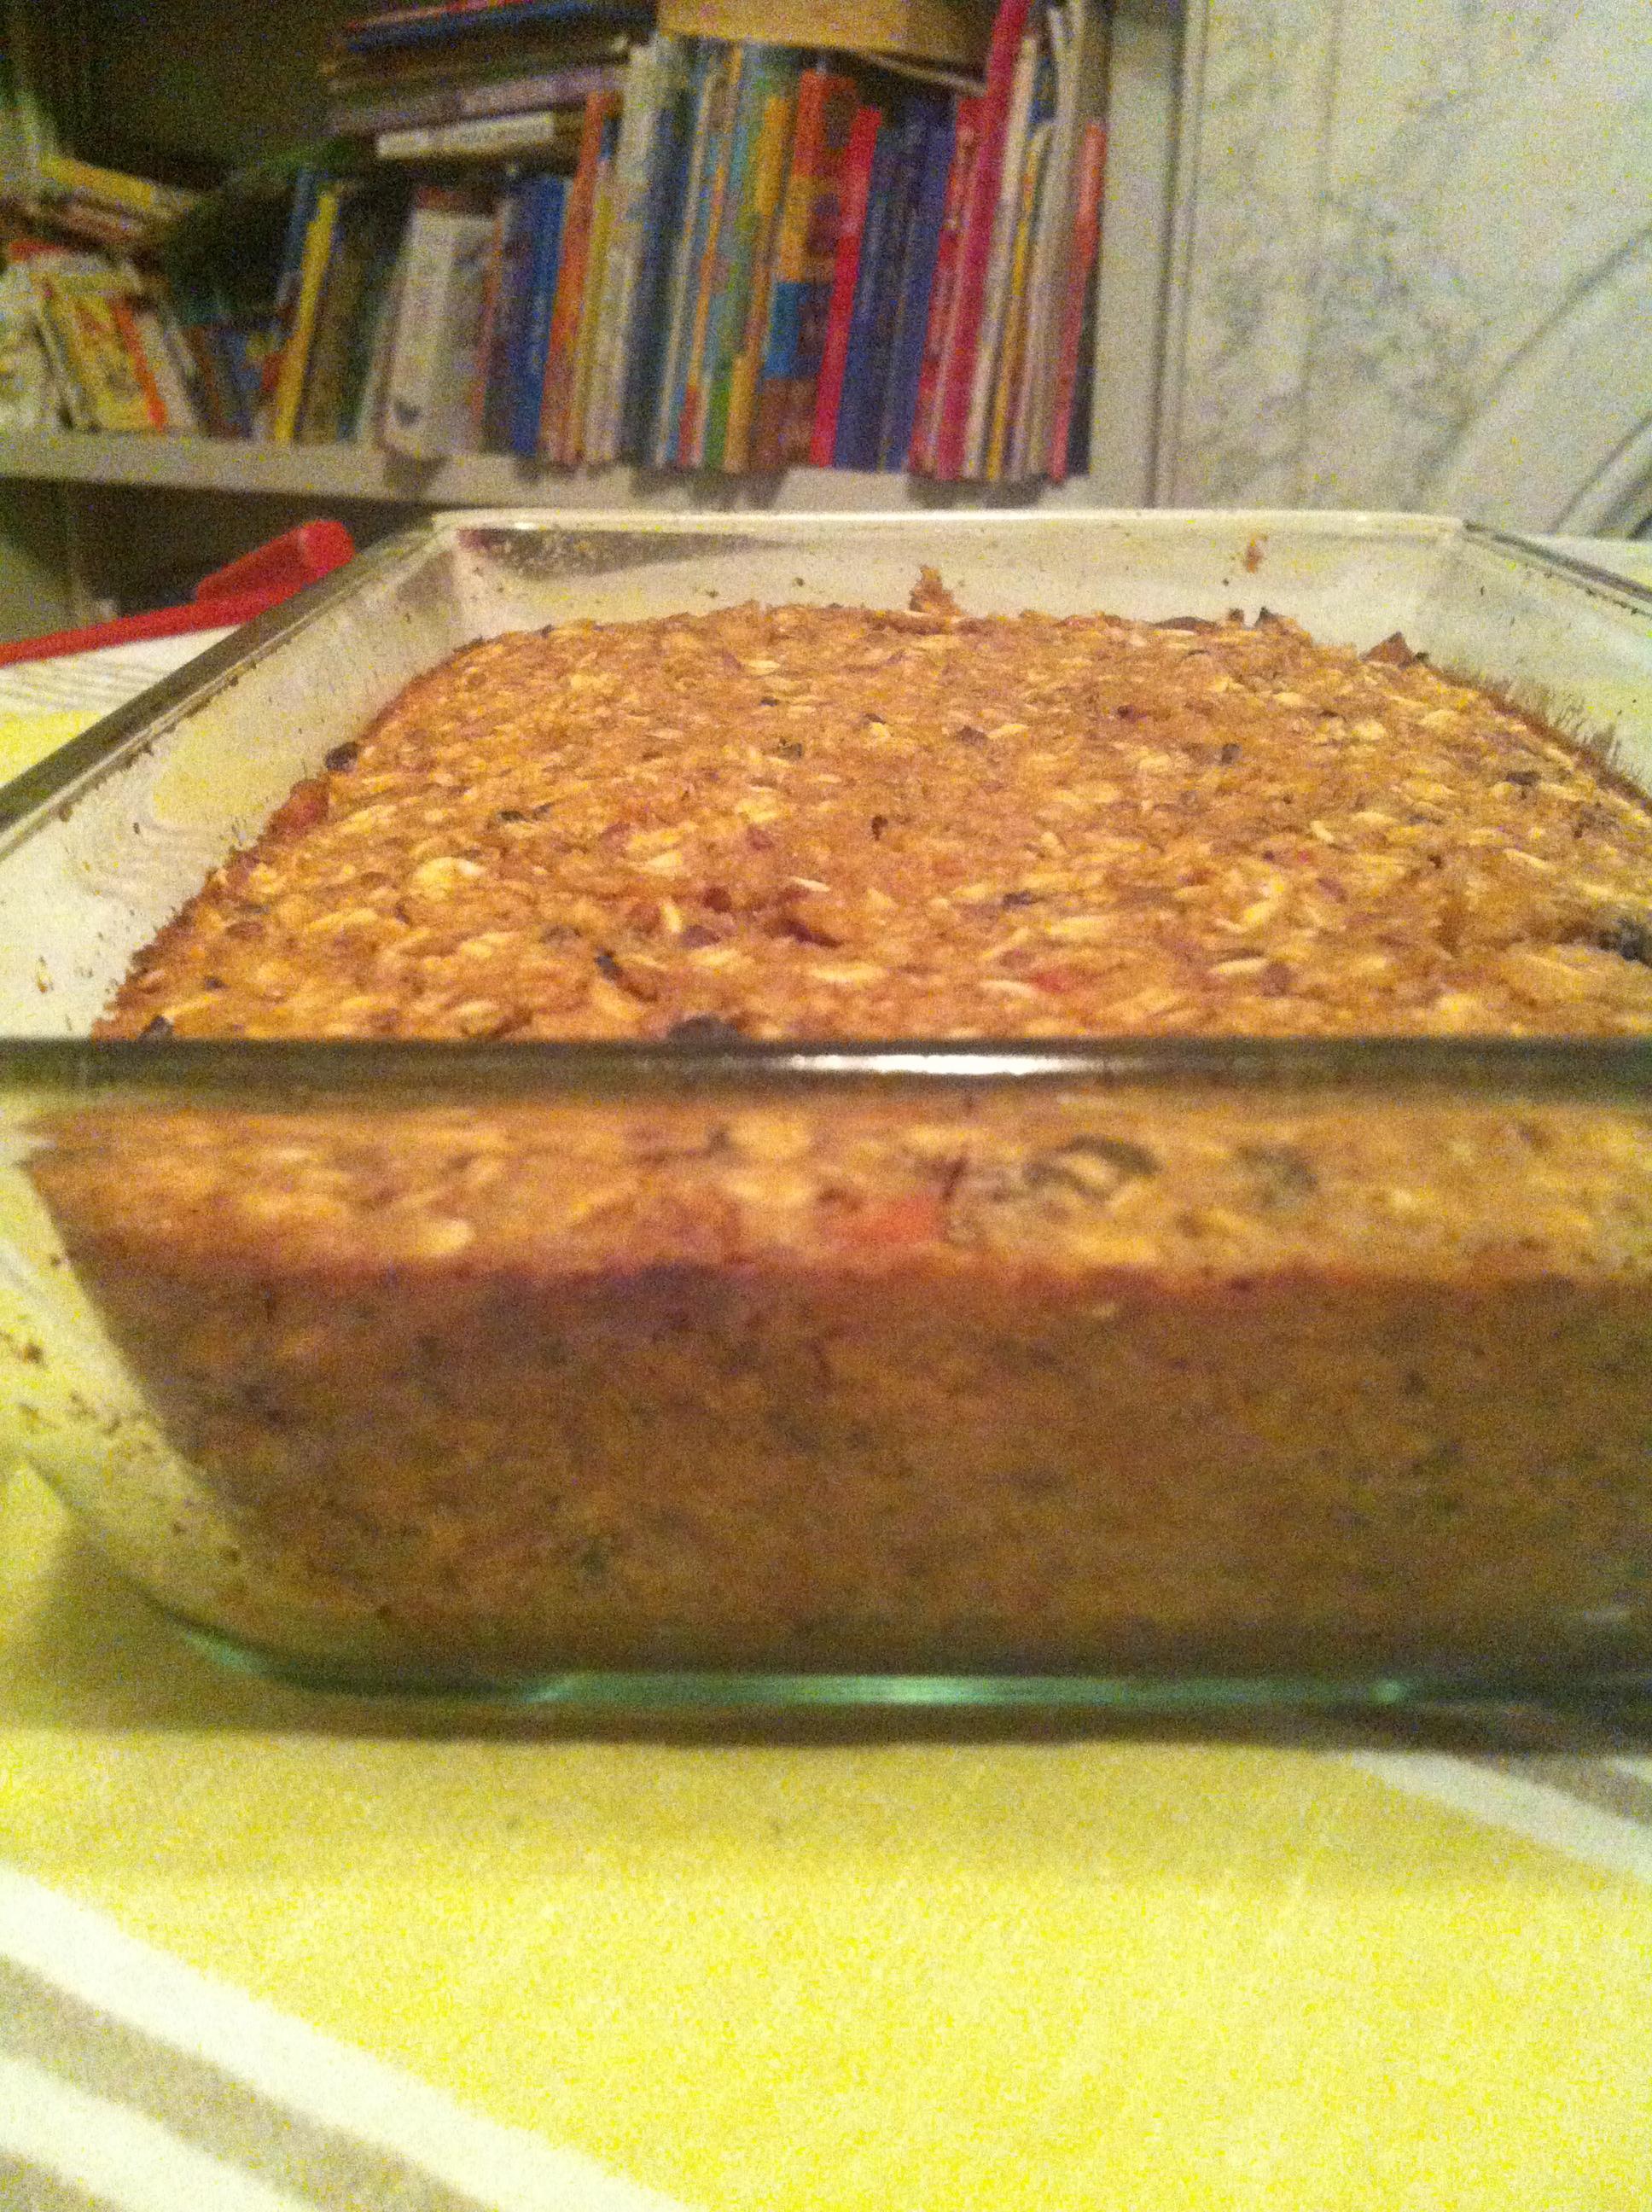 Baked oatmeal bars.